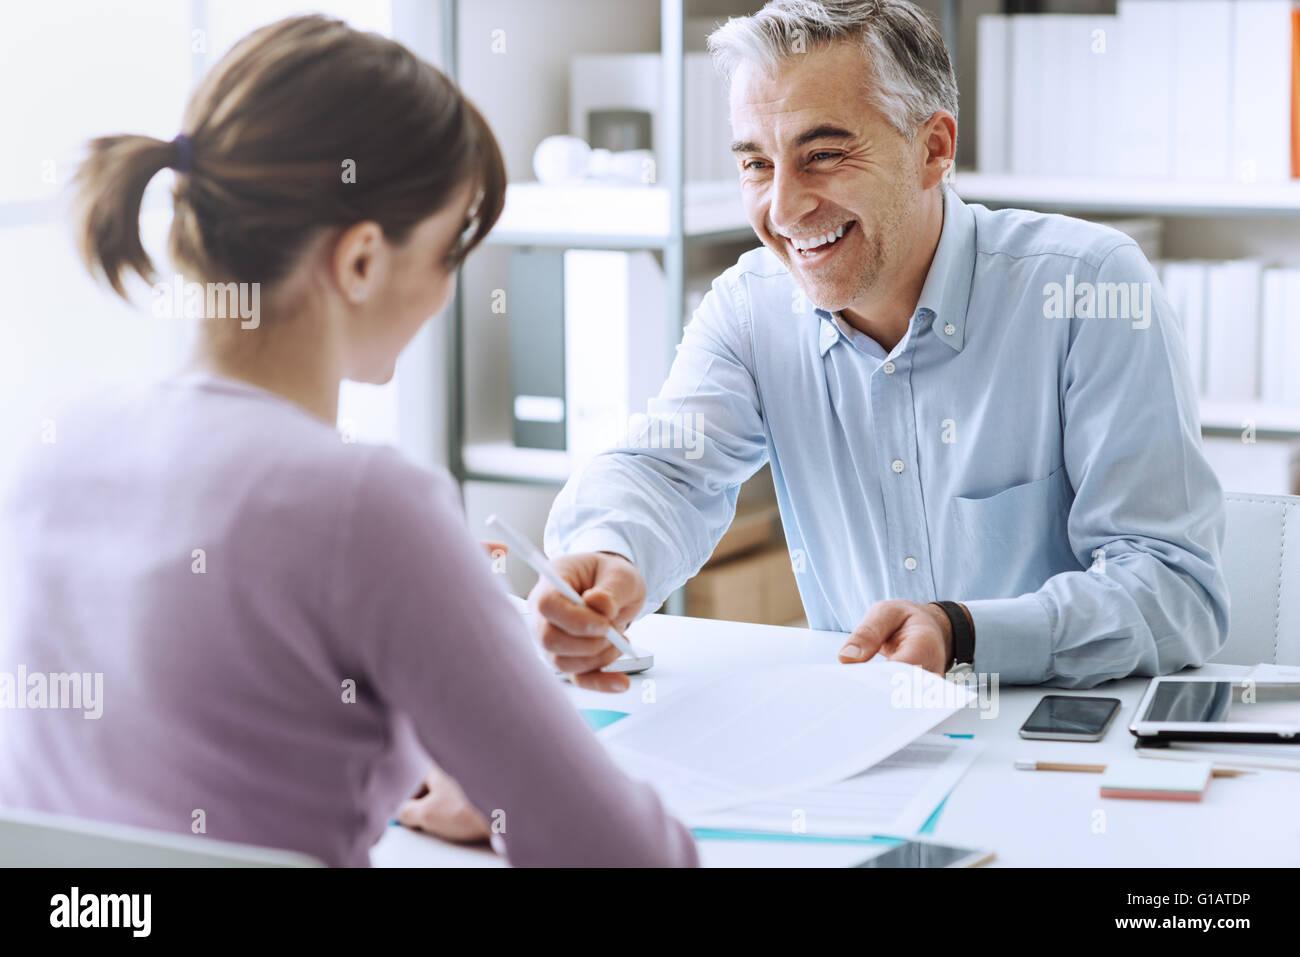 Mujer joven tener una reunión de negocios y la firma de un contrato, la contratación y el acuerdo concepto Imagen De Stock